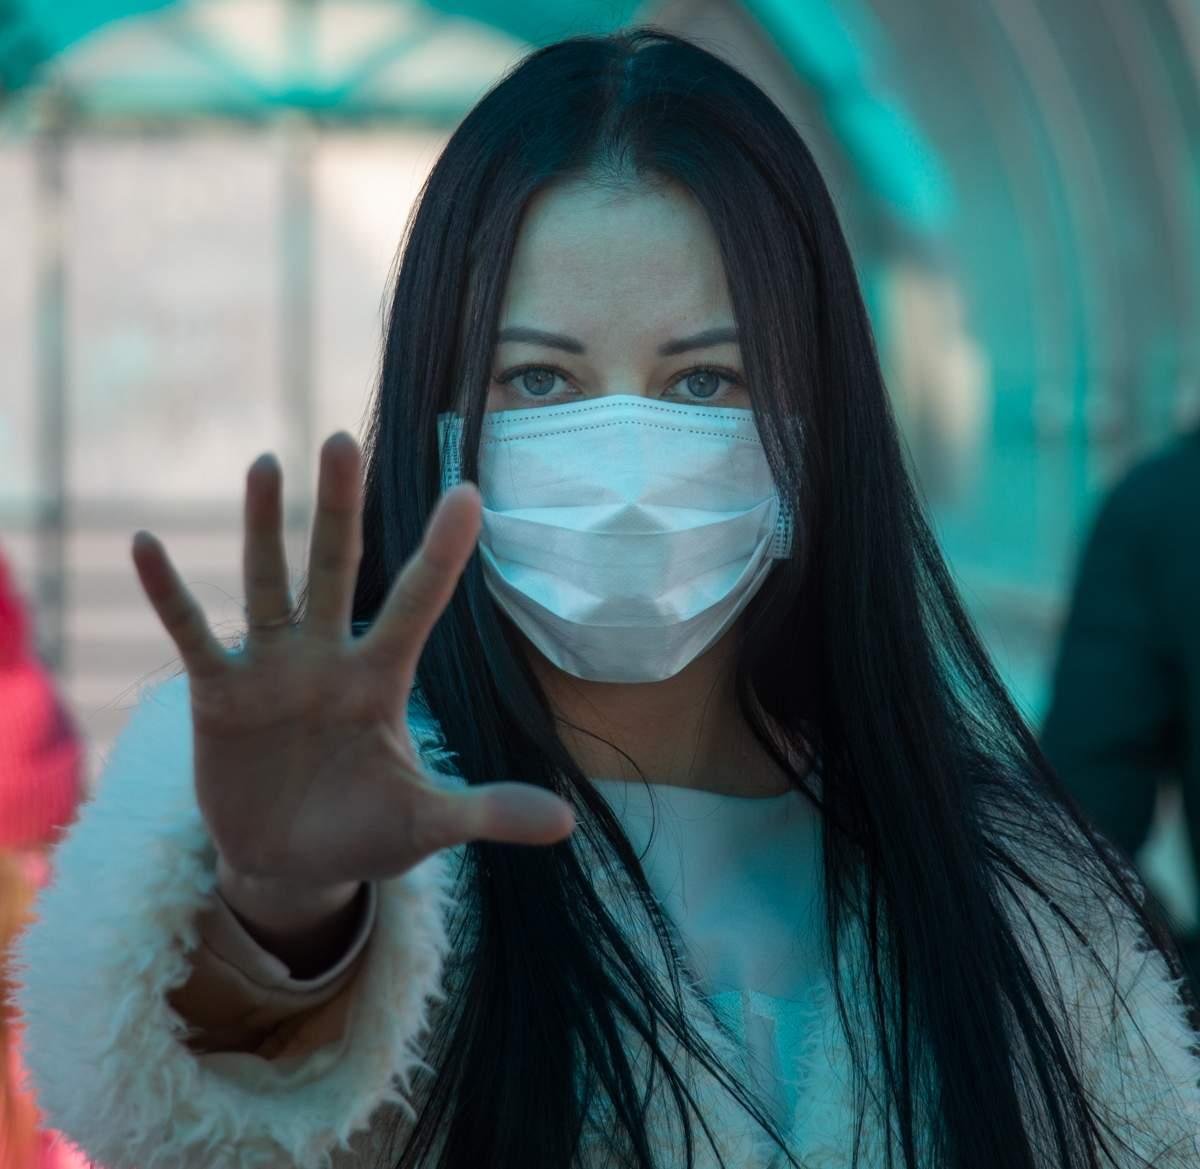 Burioni sulle mascherine: sono un fastidio minimo e possono evitare una seconda ondata